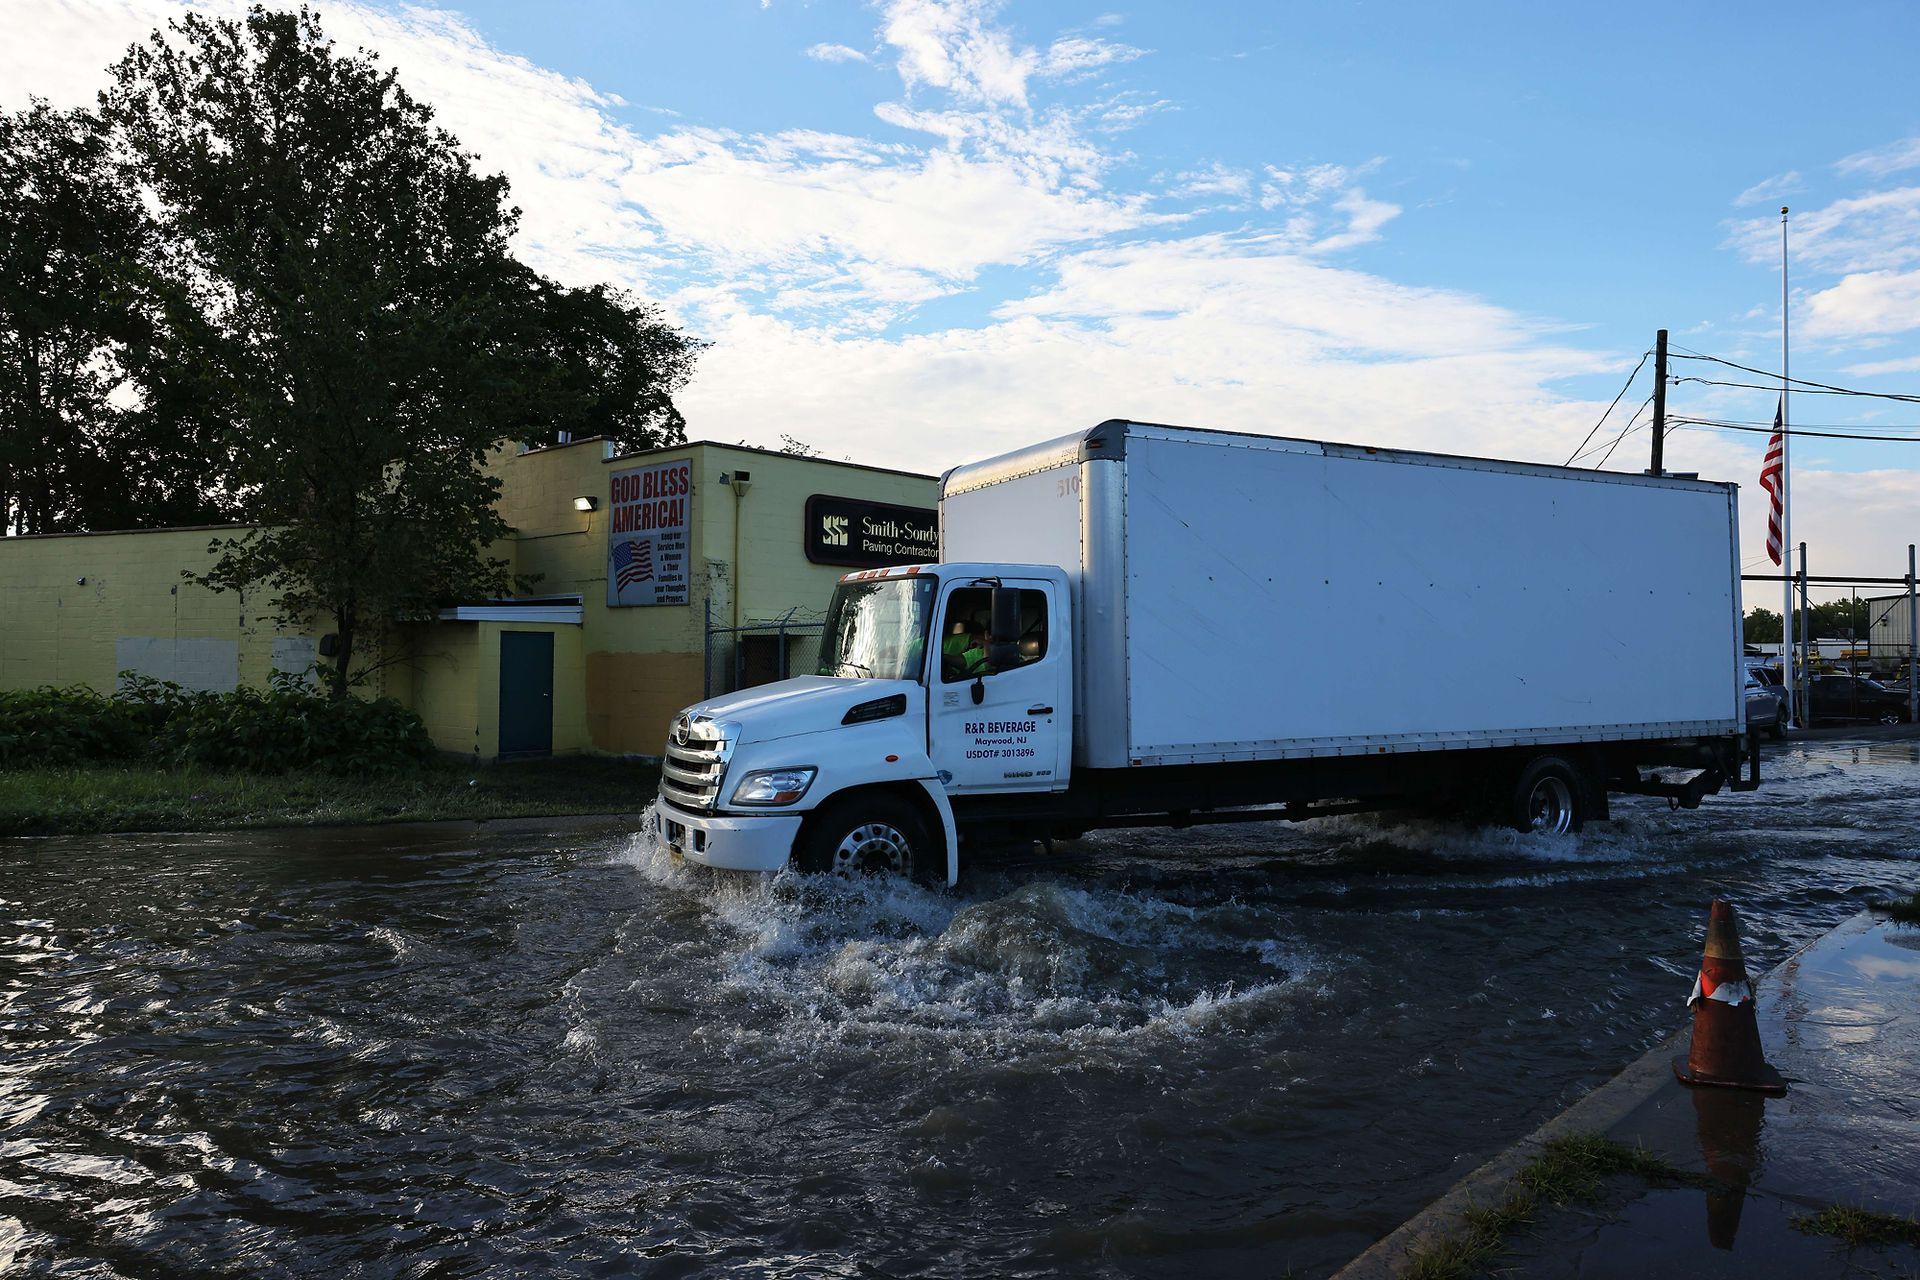 El agua baja lentamente y aún hay calles por las que es muy complidado transitar